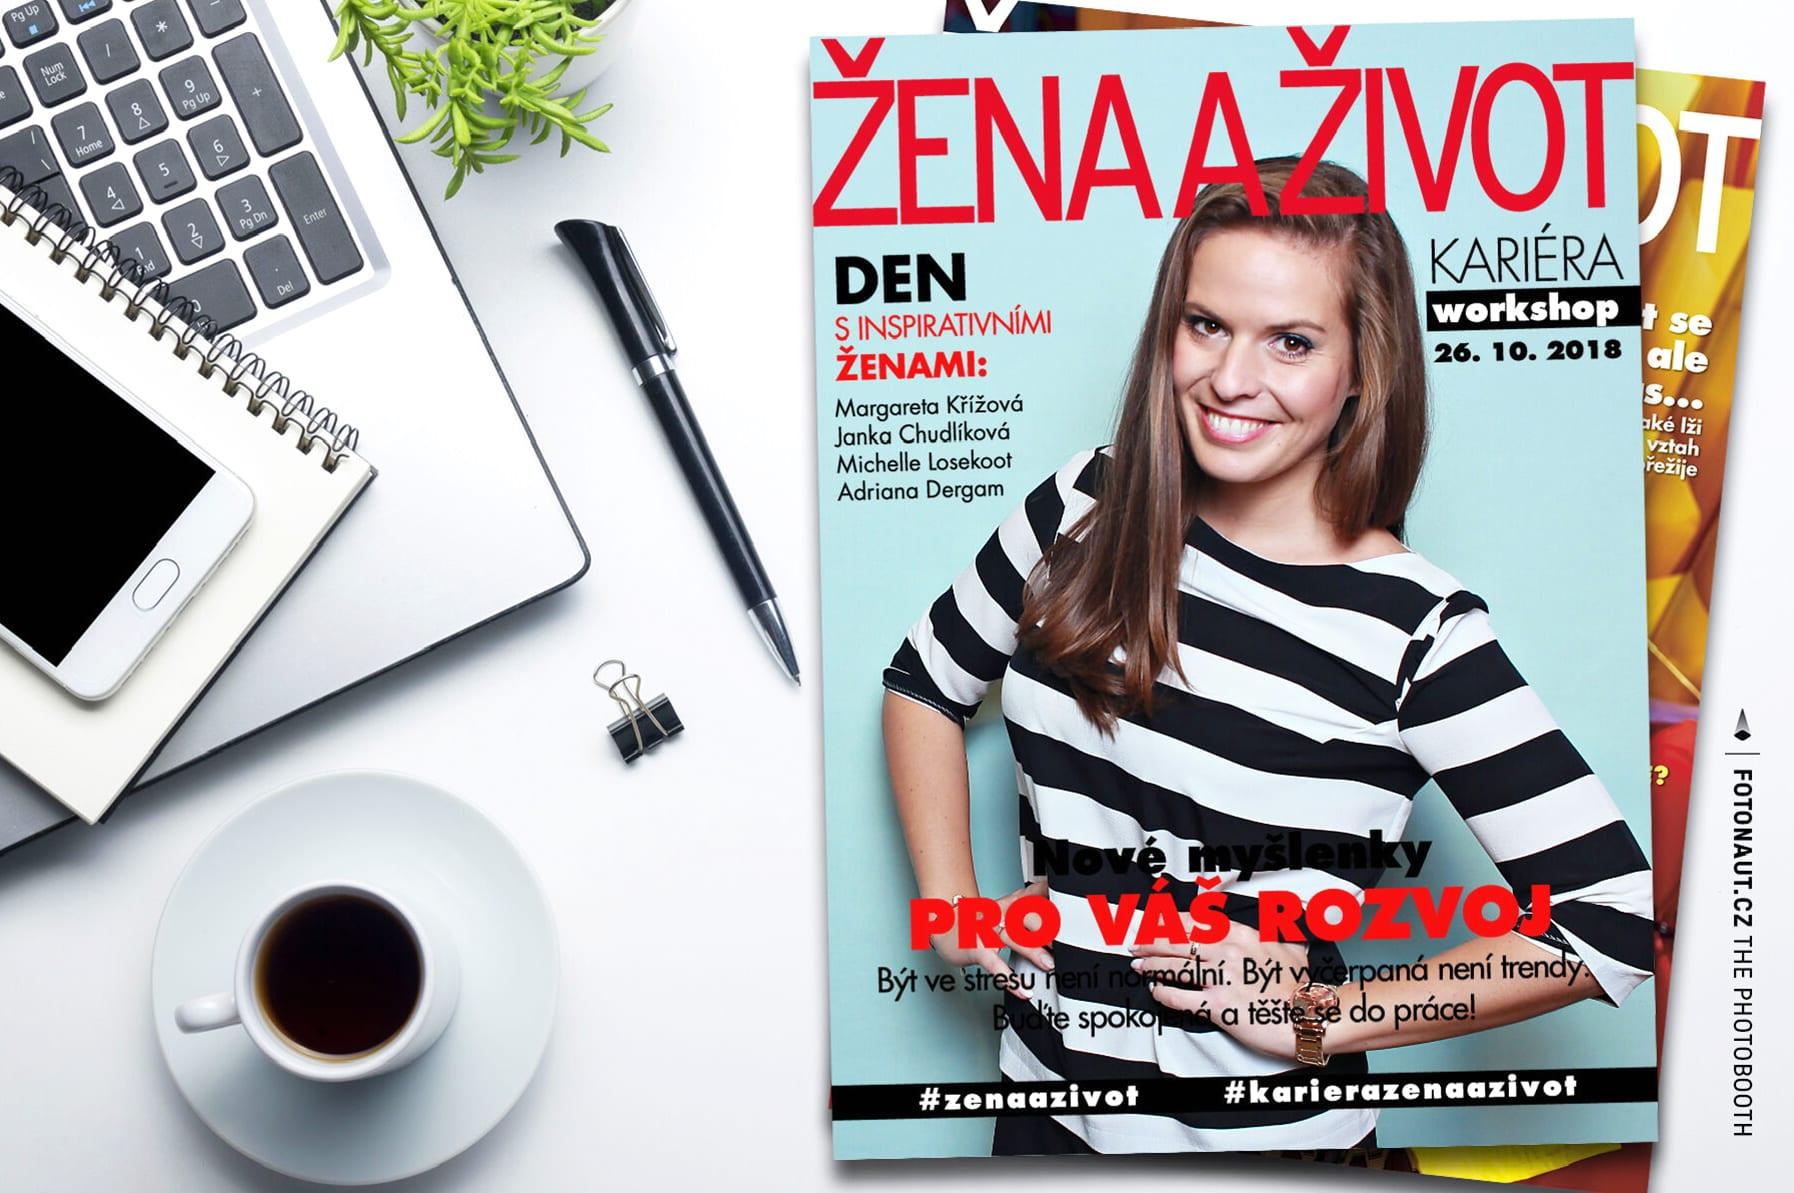 fotokoutek-zena-a-zivot-26-10-2018-510860